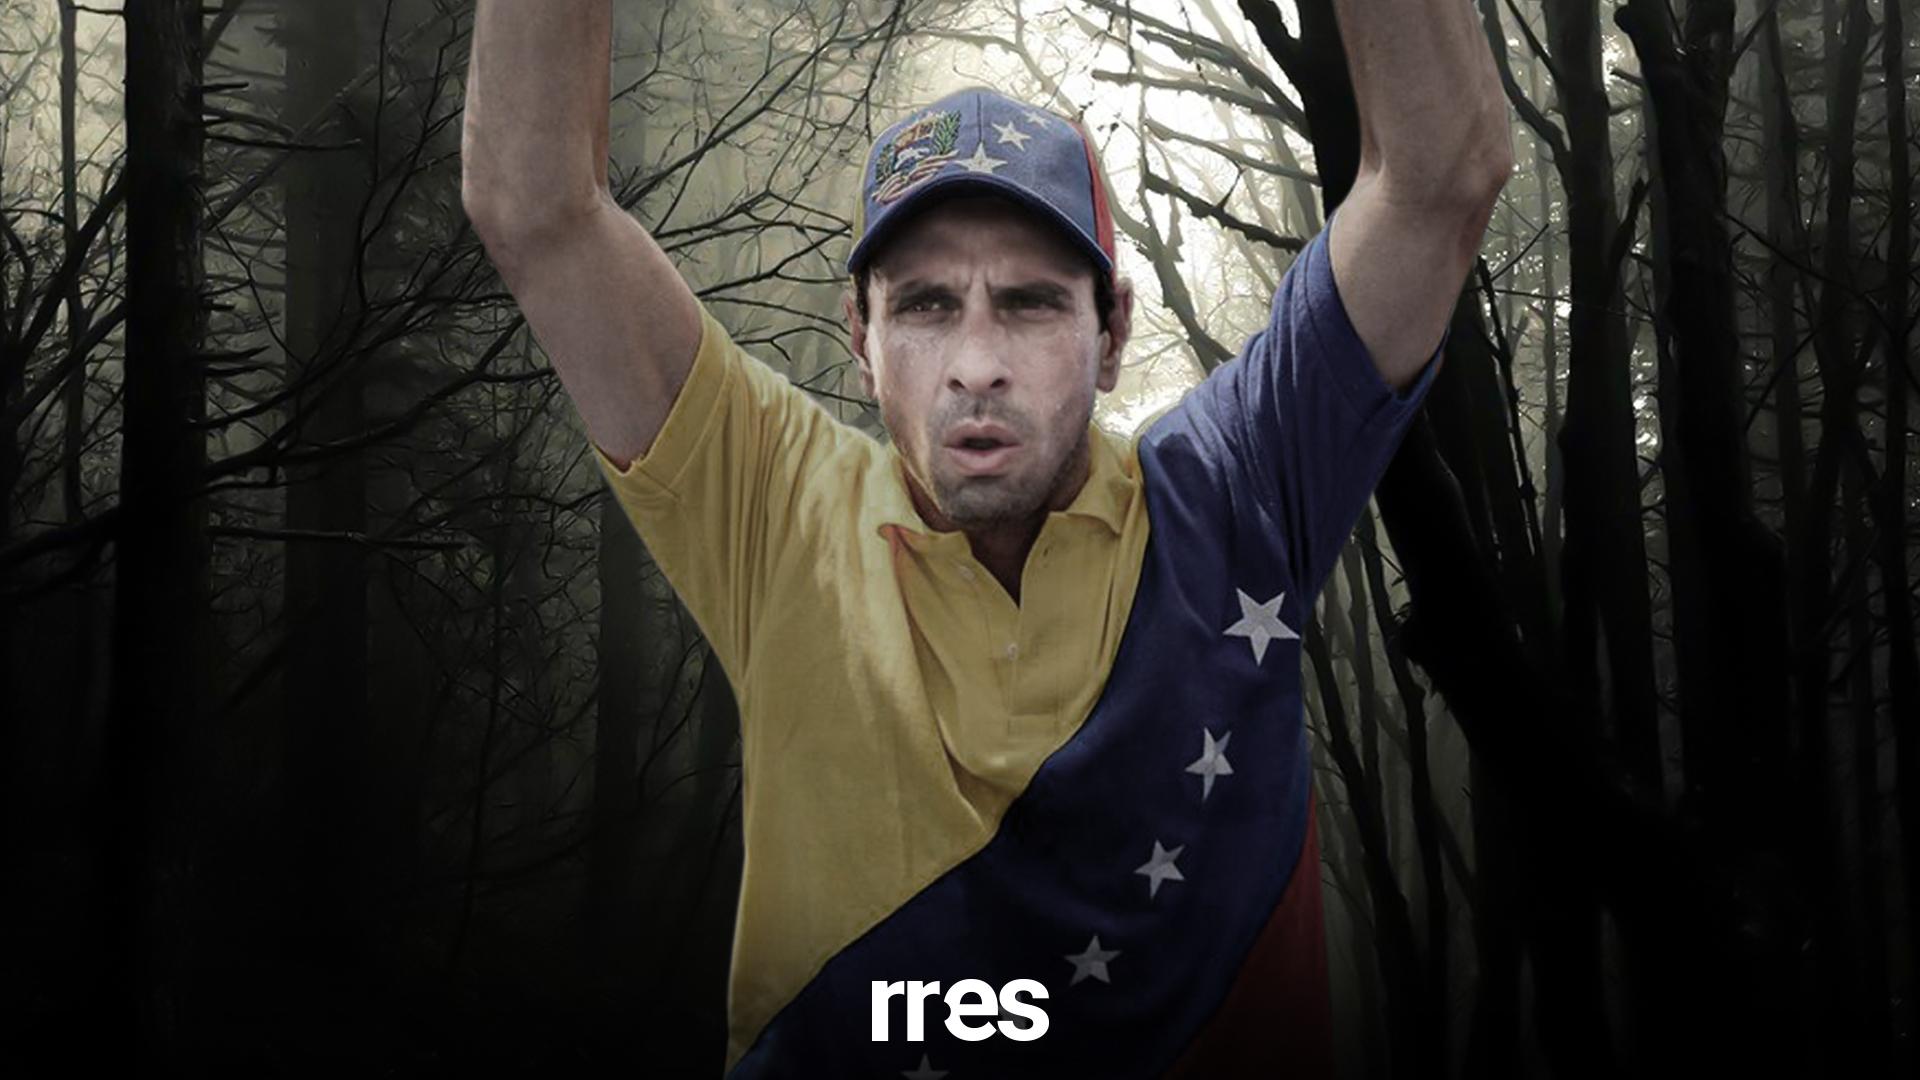 El camino de Capriles podría estar lleno de espinas